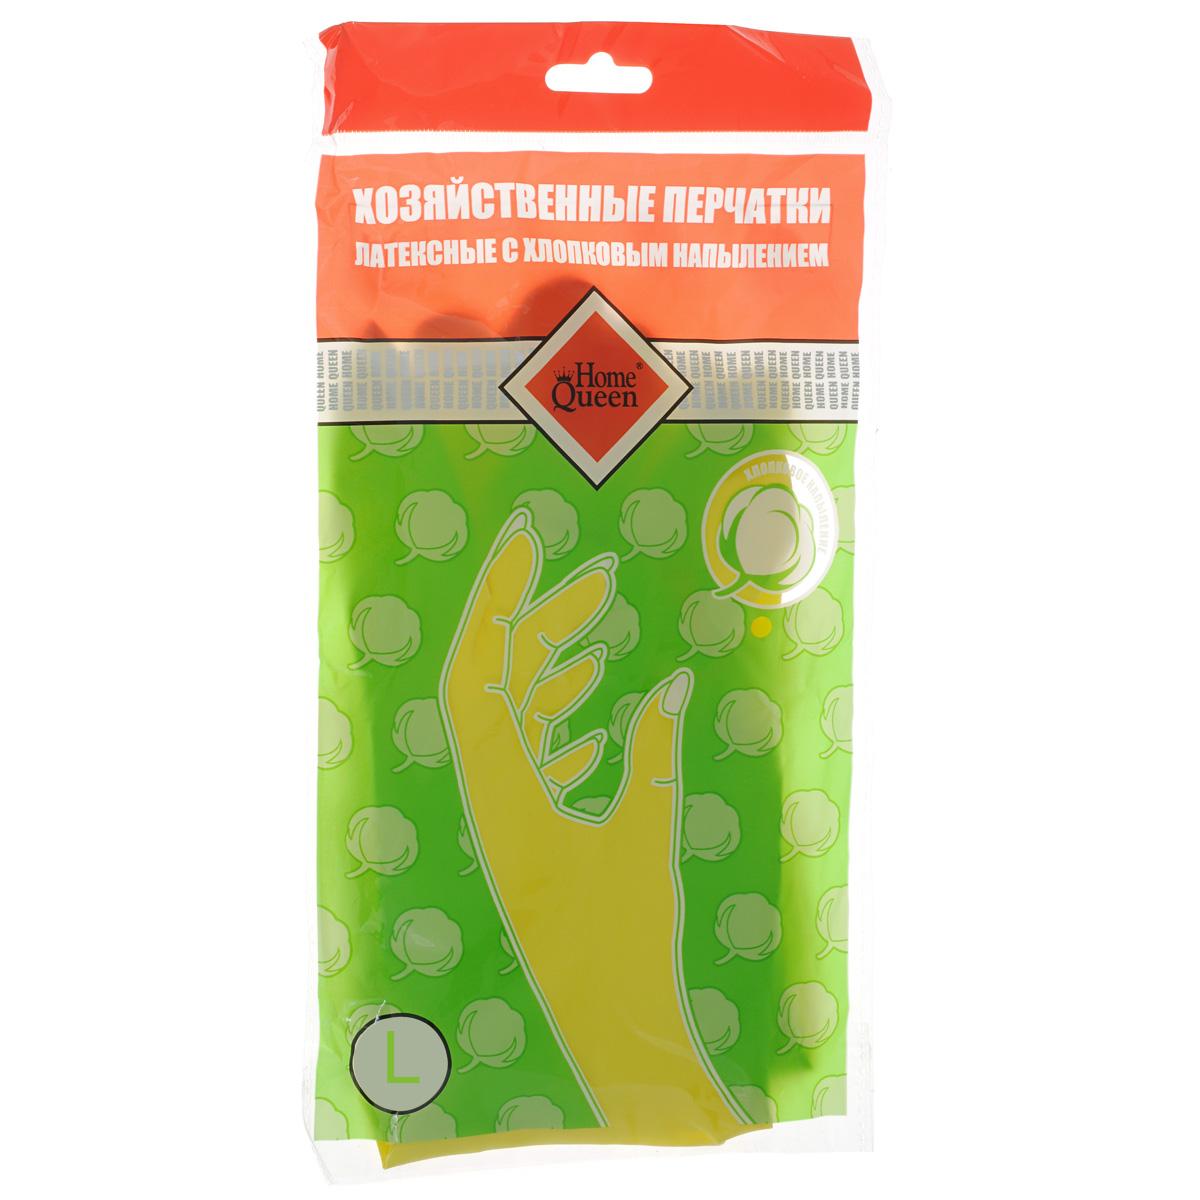 Перчатки латексные Home Queen, с хлопковым напылением. Размер L6.295-875.0Перчатки Home Queen защитят ваши руки от воздействия бытовой химии и грязи. Подойдут для всех видов хозяйственных работ. Выполнены из латекса с хлопковым напылением.